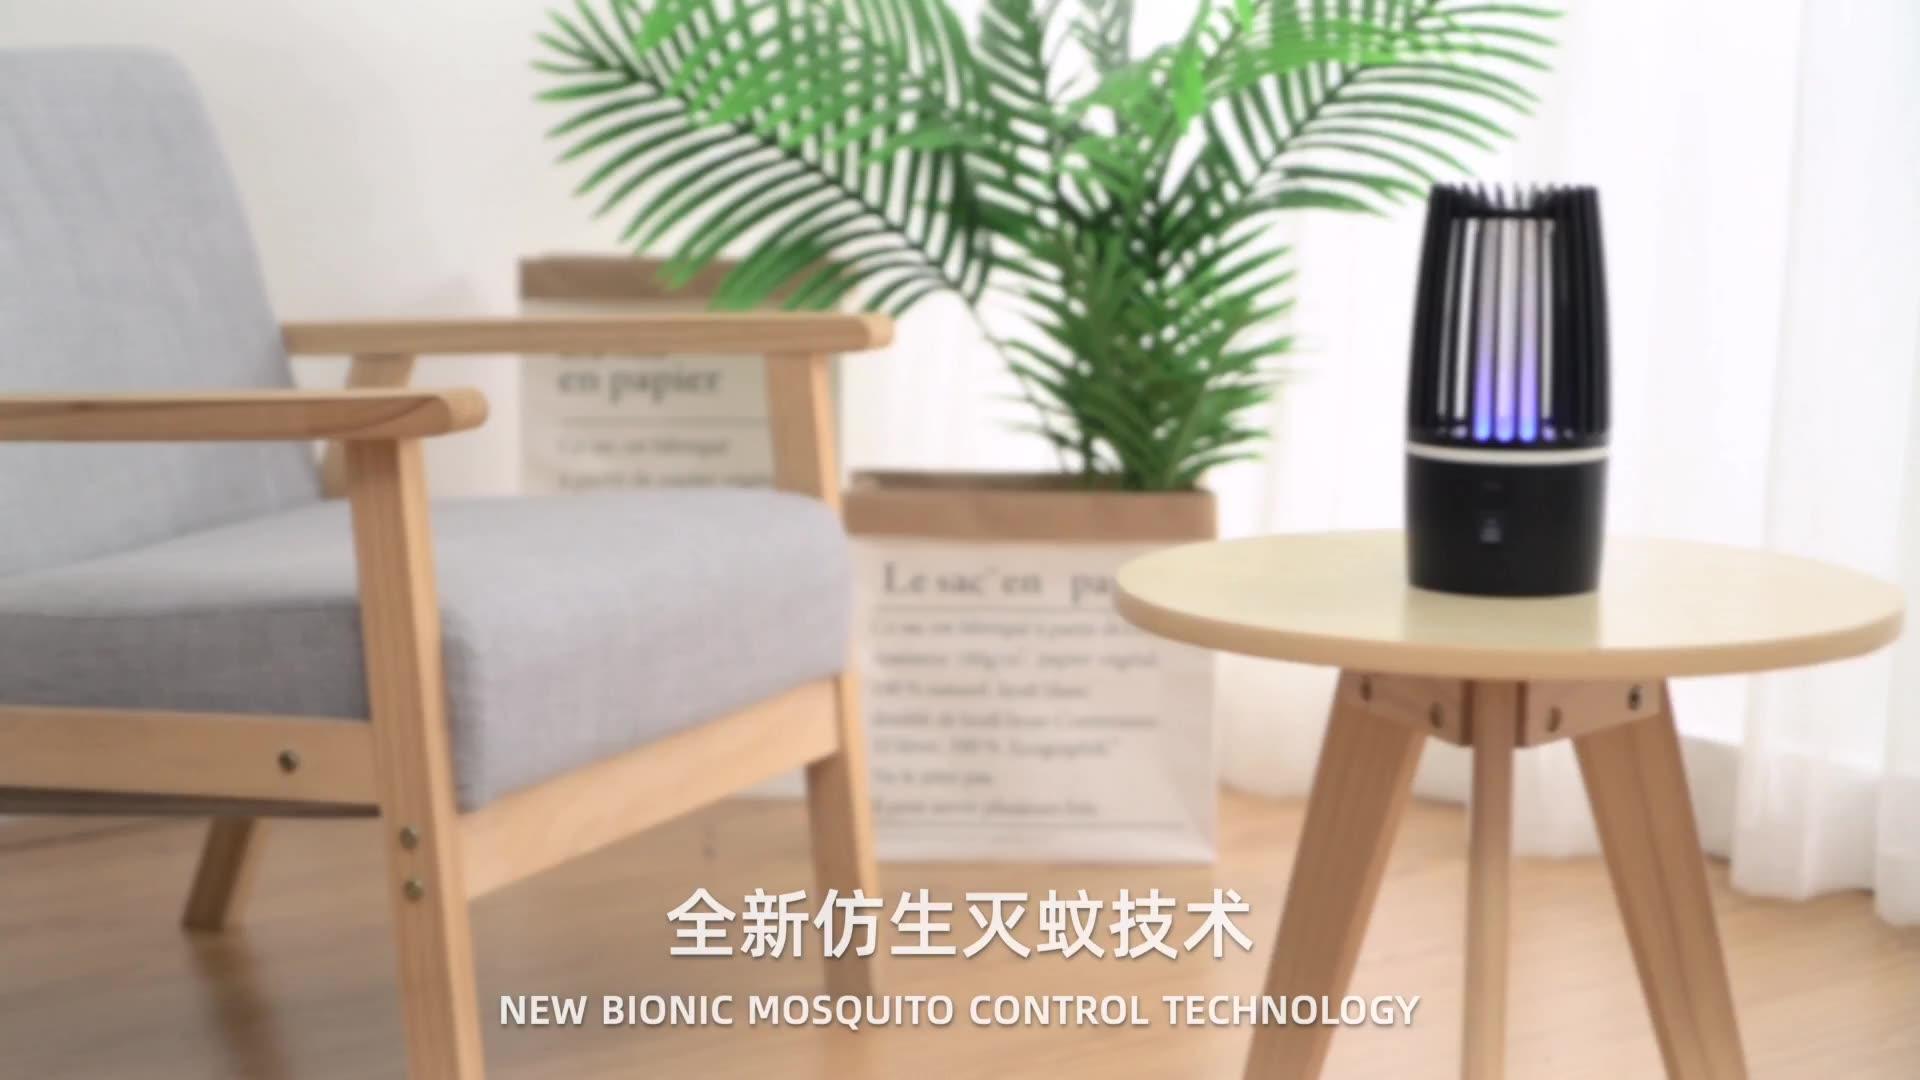 Oplaadbare Usb Outdoor Muggenval Uv Bug Muggen Killer Uv Licht Lamp